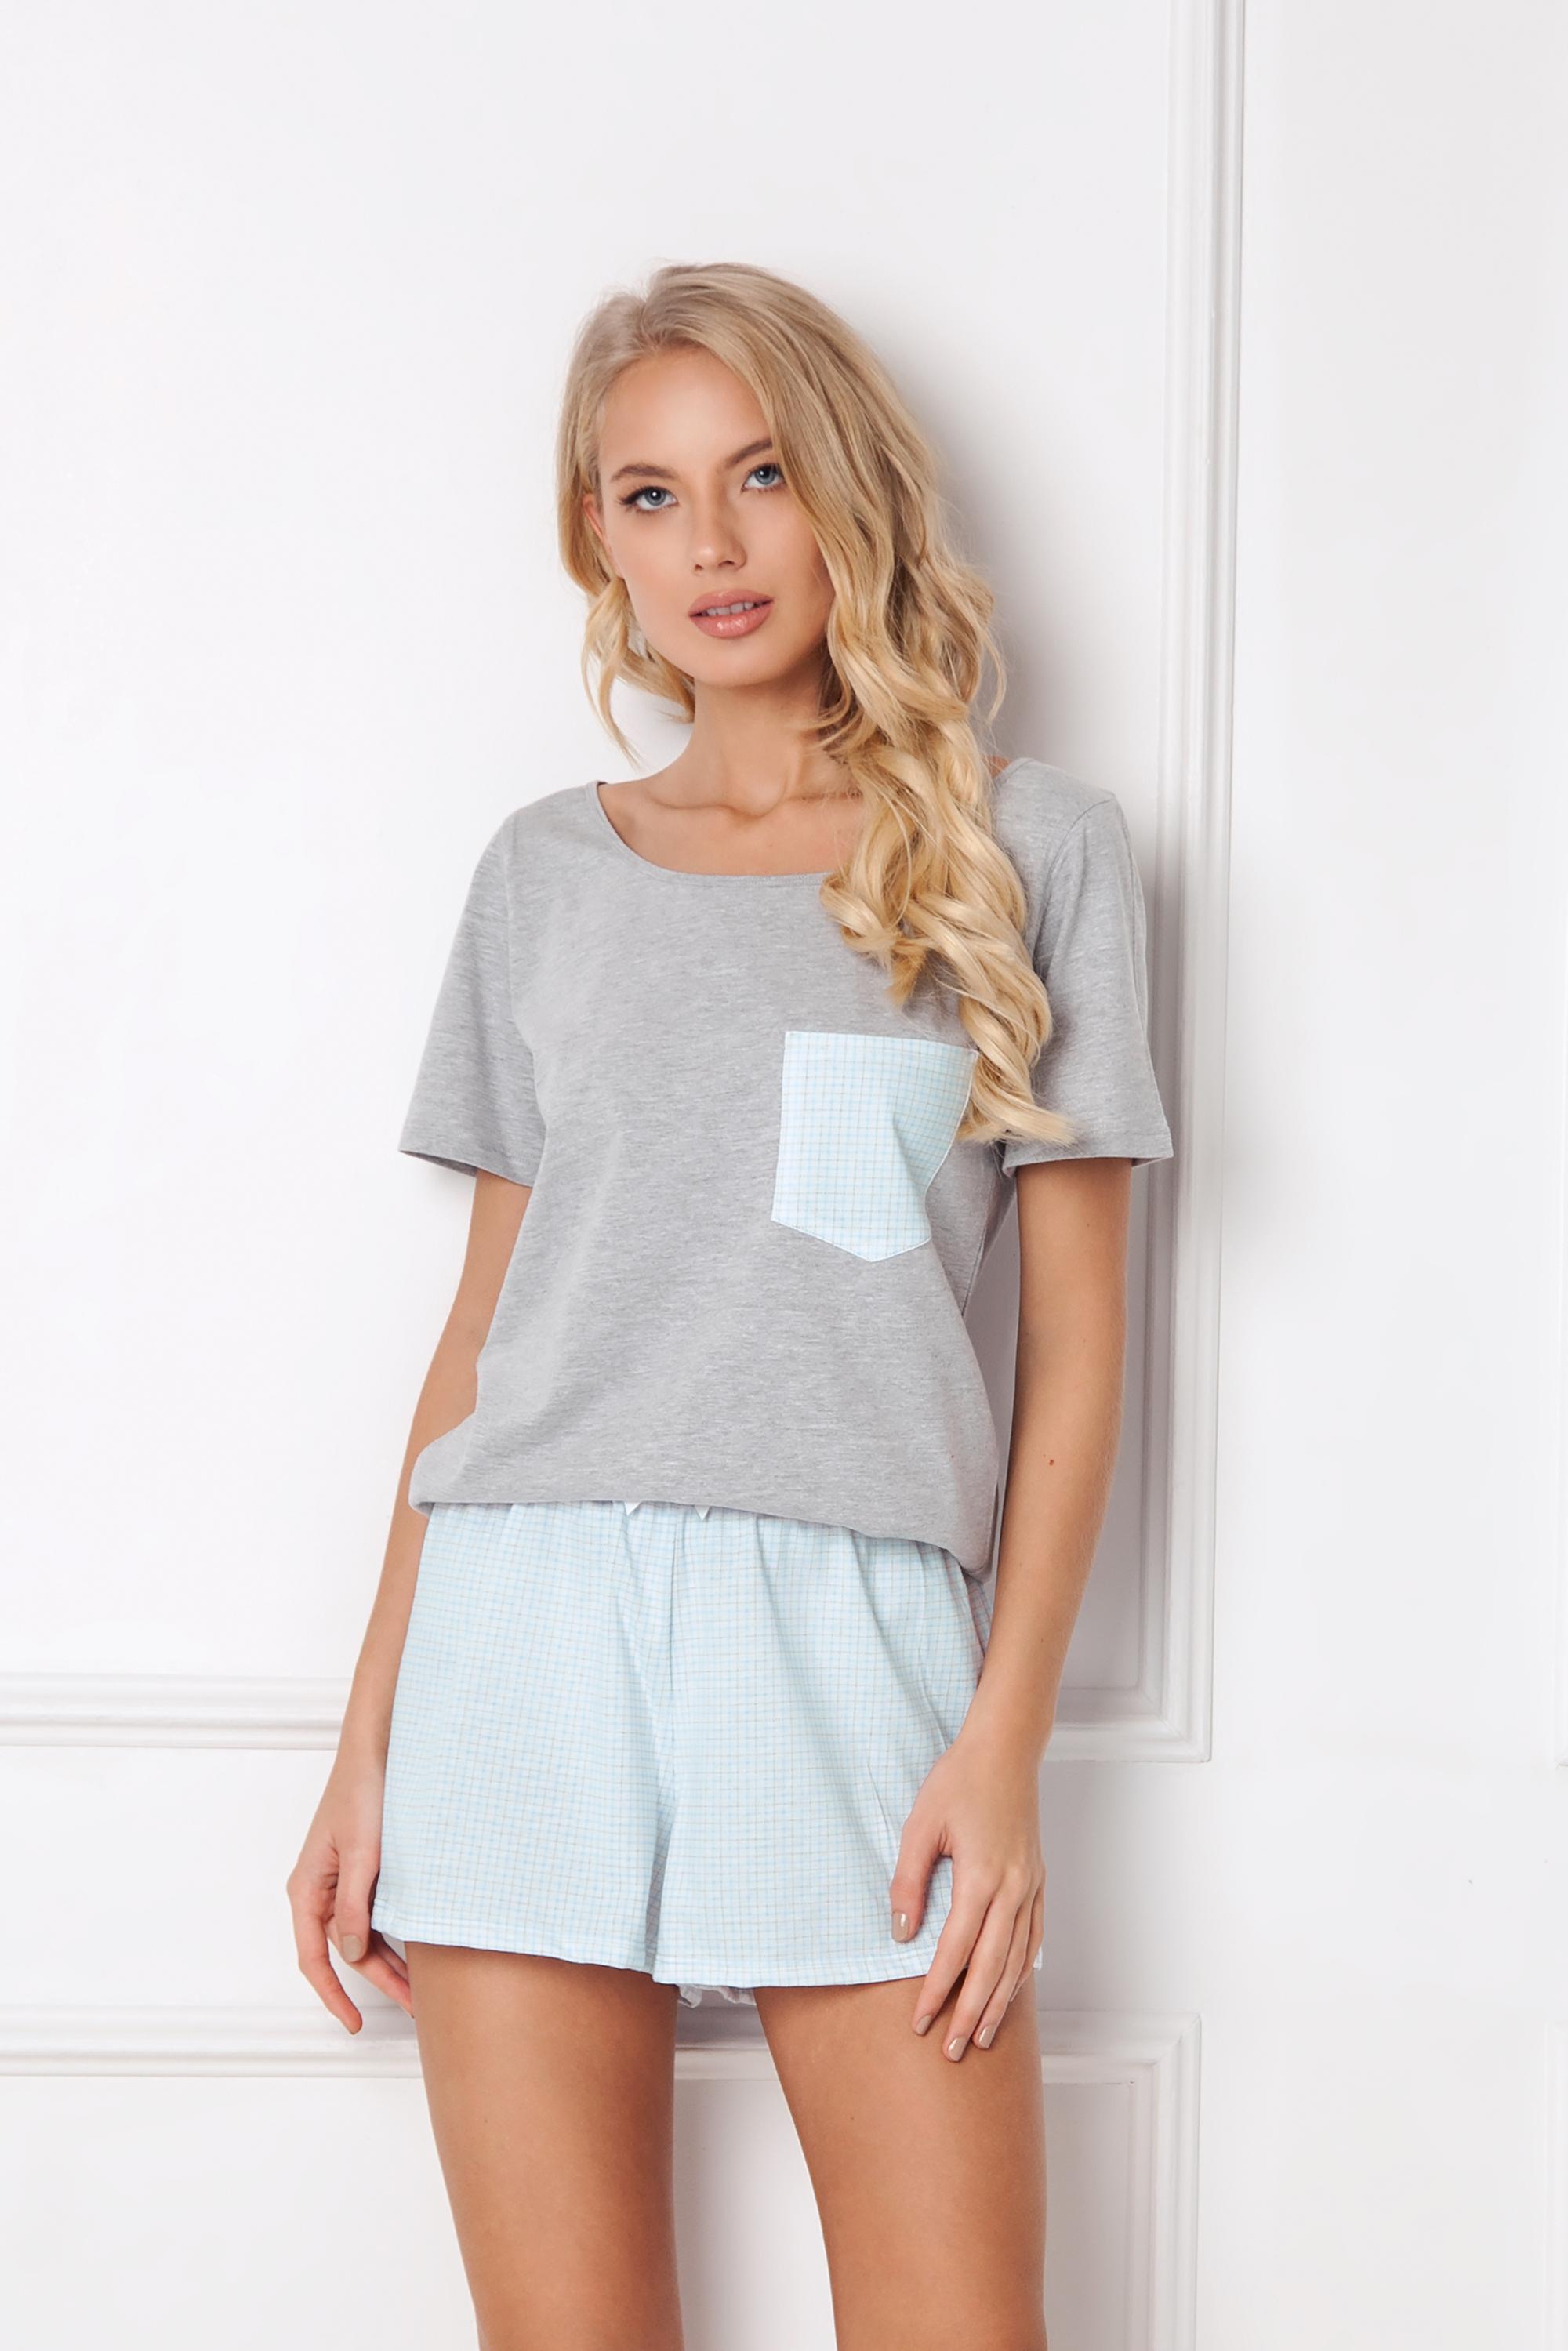 Aruelle -  Piżama Jackie Short szaro-błękitny Foto 2